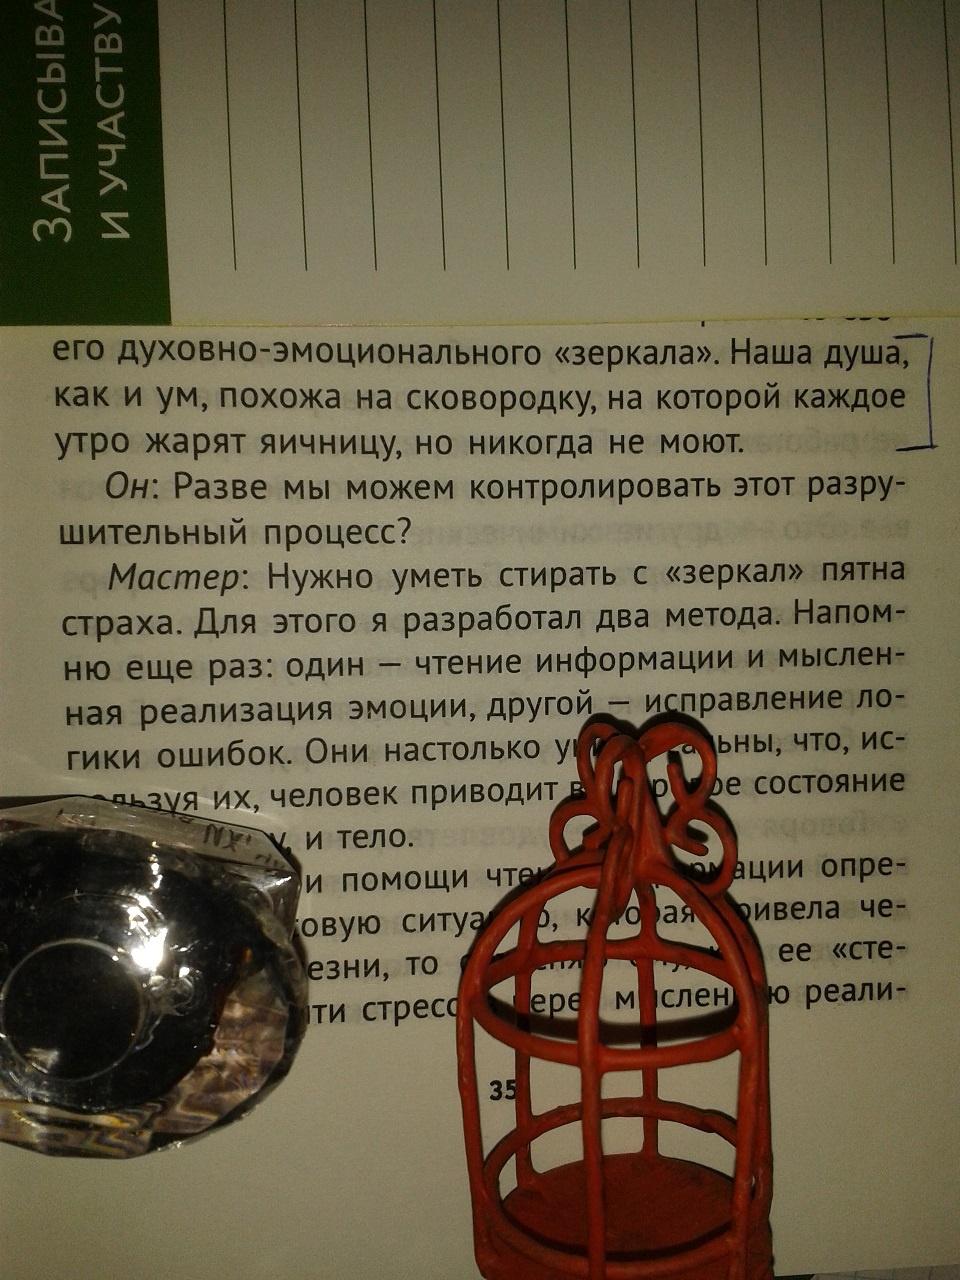 глава книги о Душе